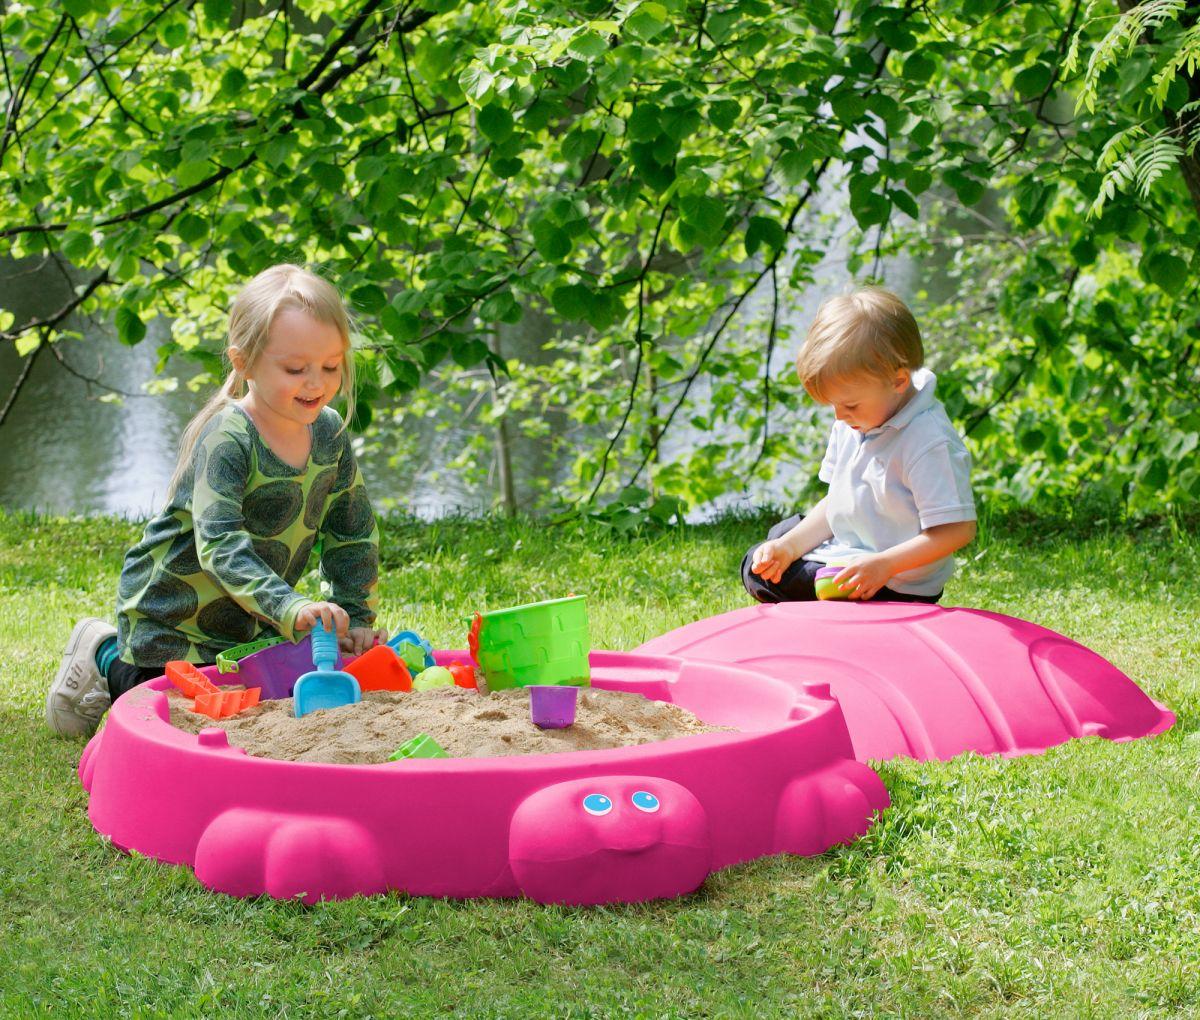 Pinkki Lapset leikkii Kilppari Inora